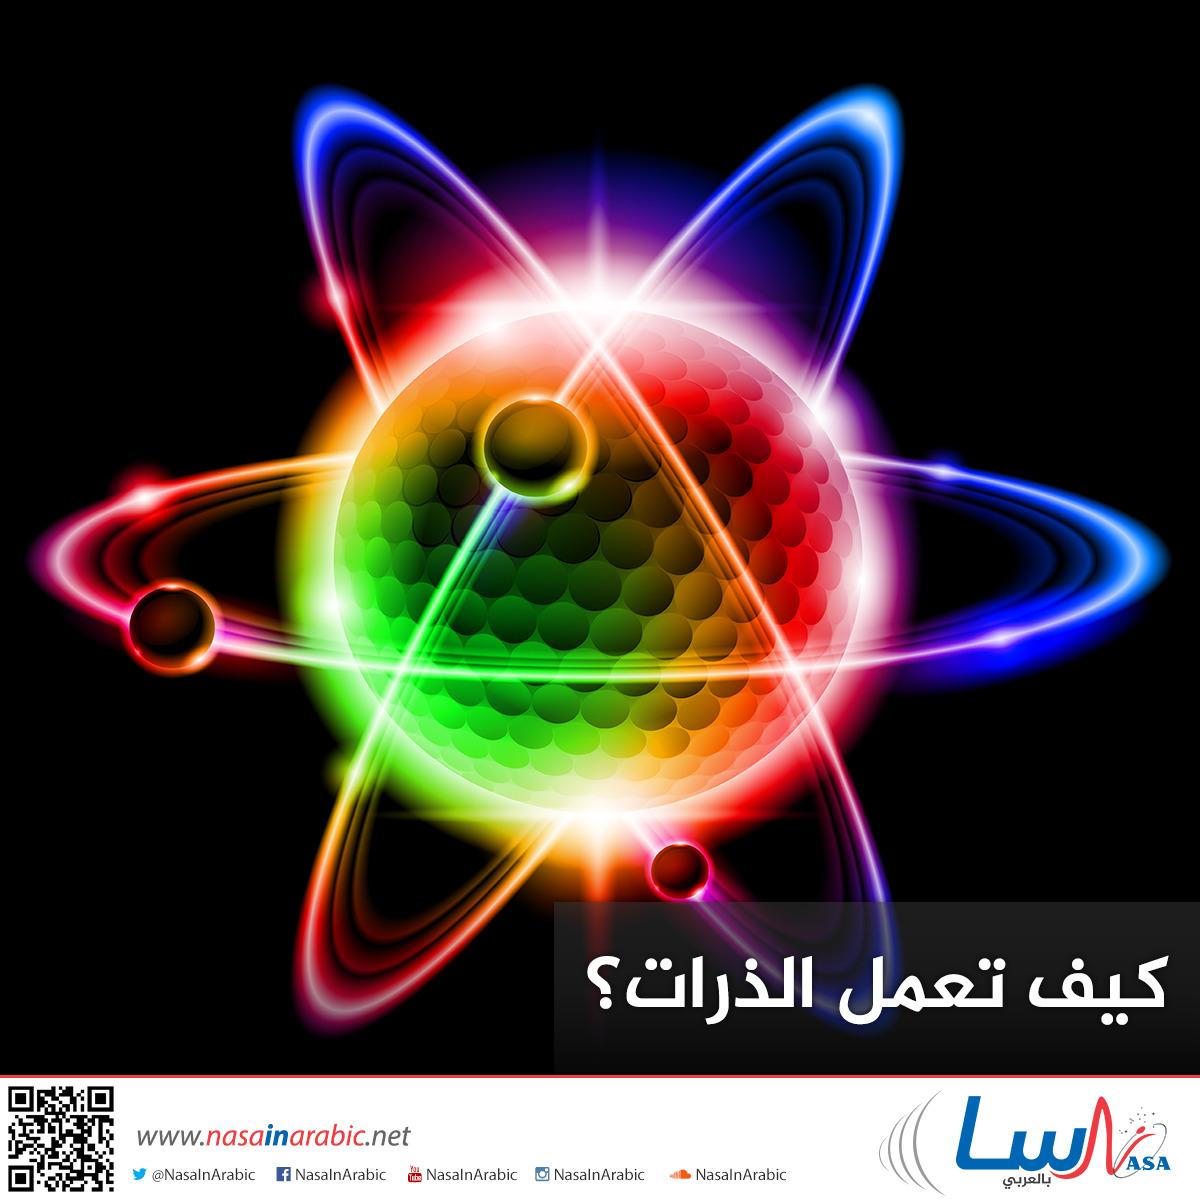 كيف تعمل الذرات؟